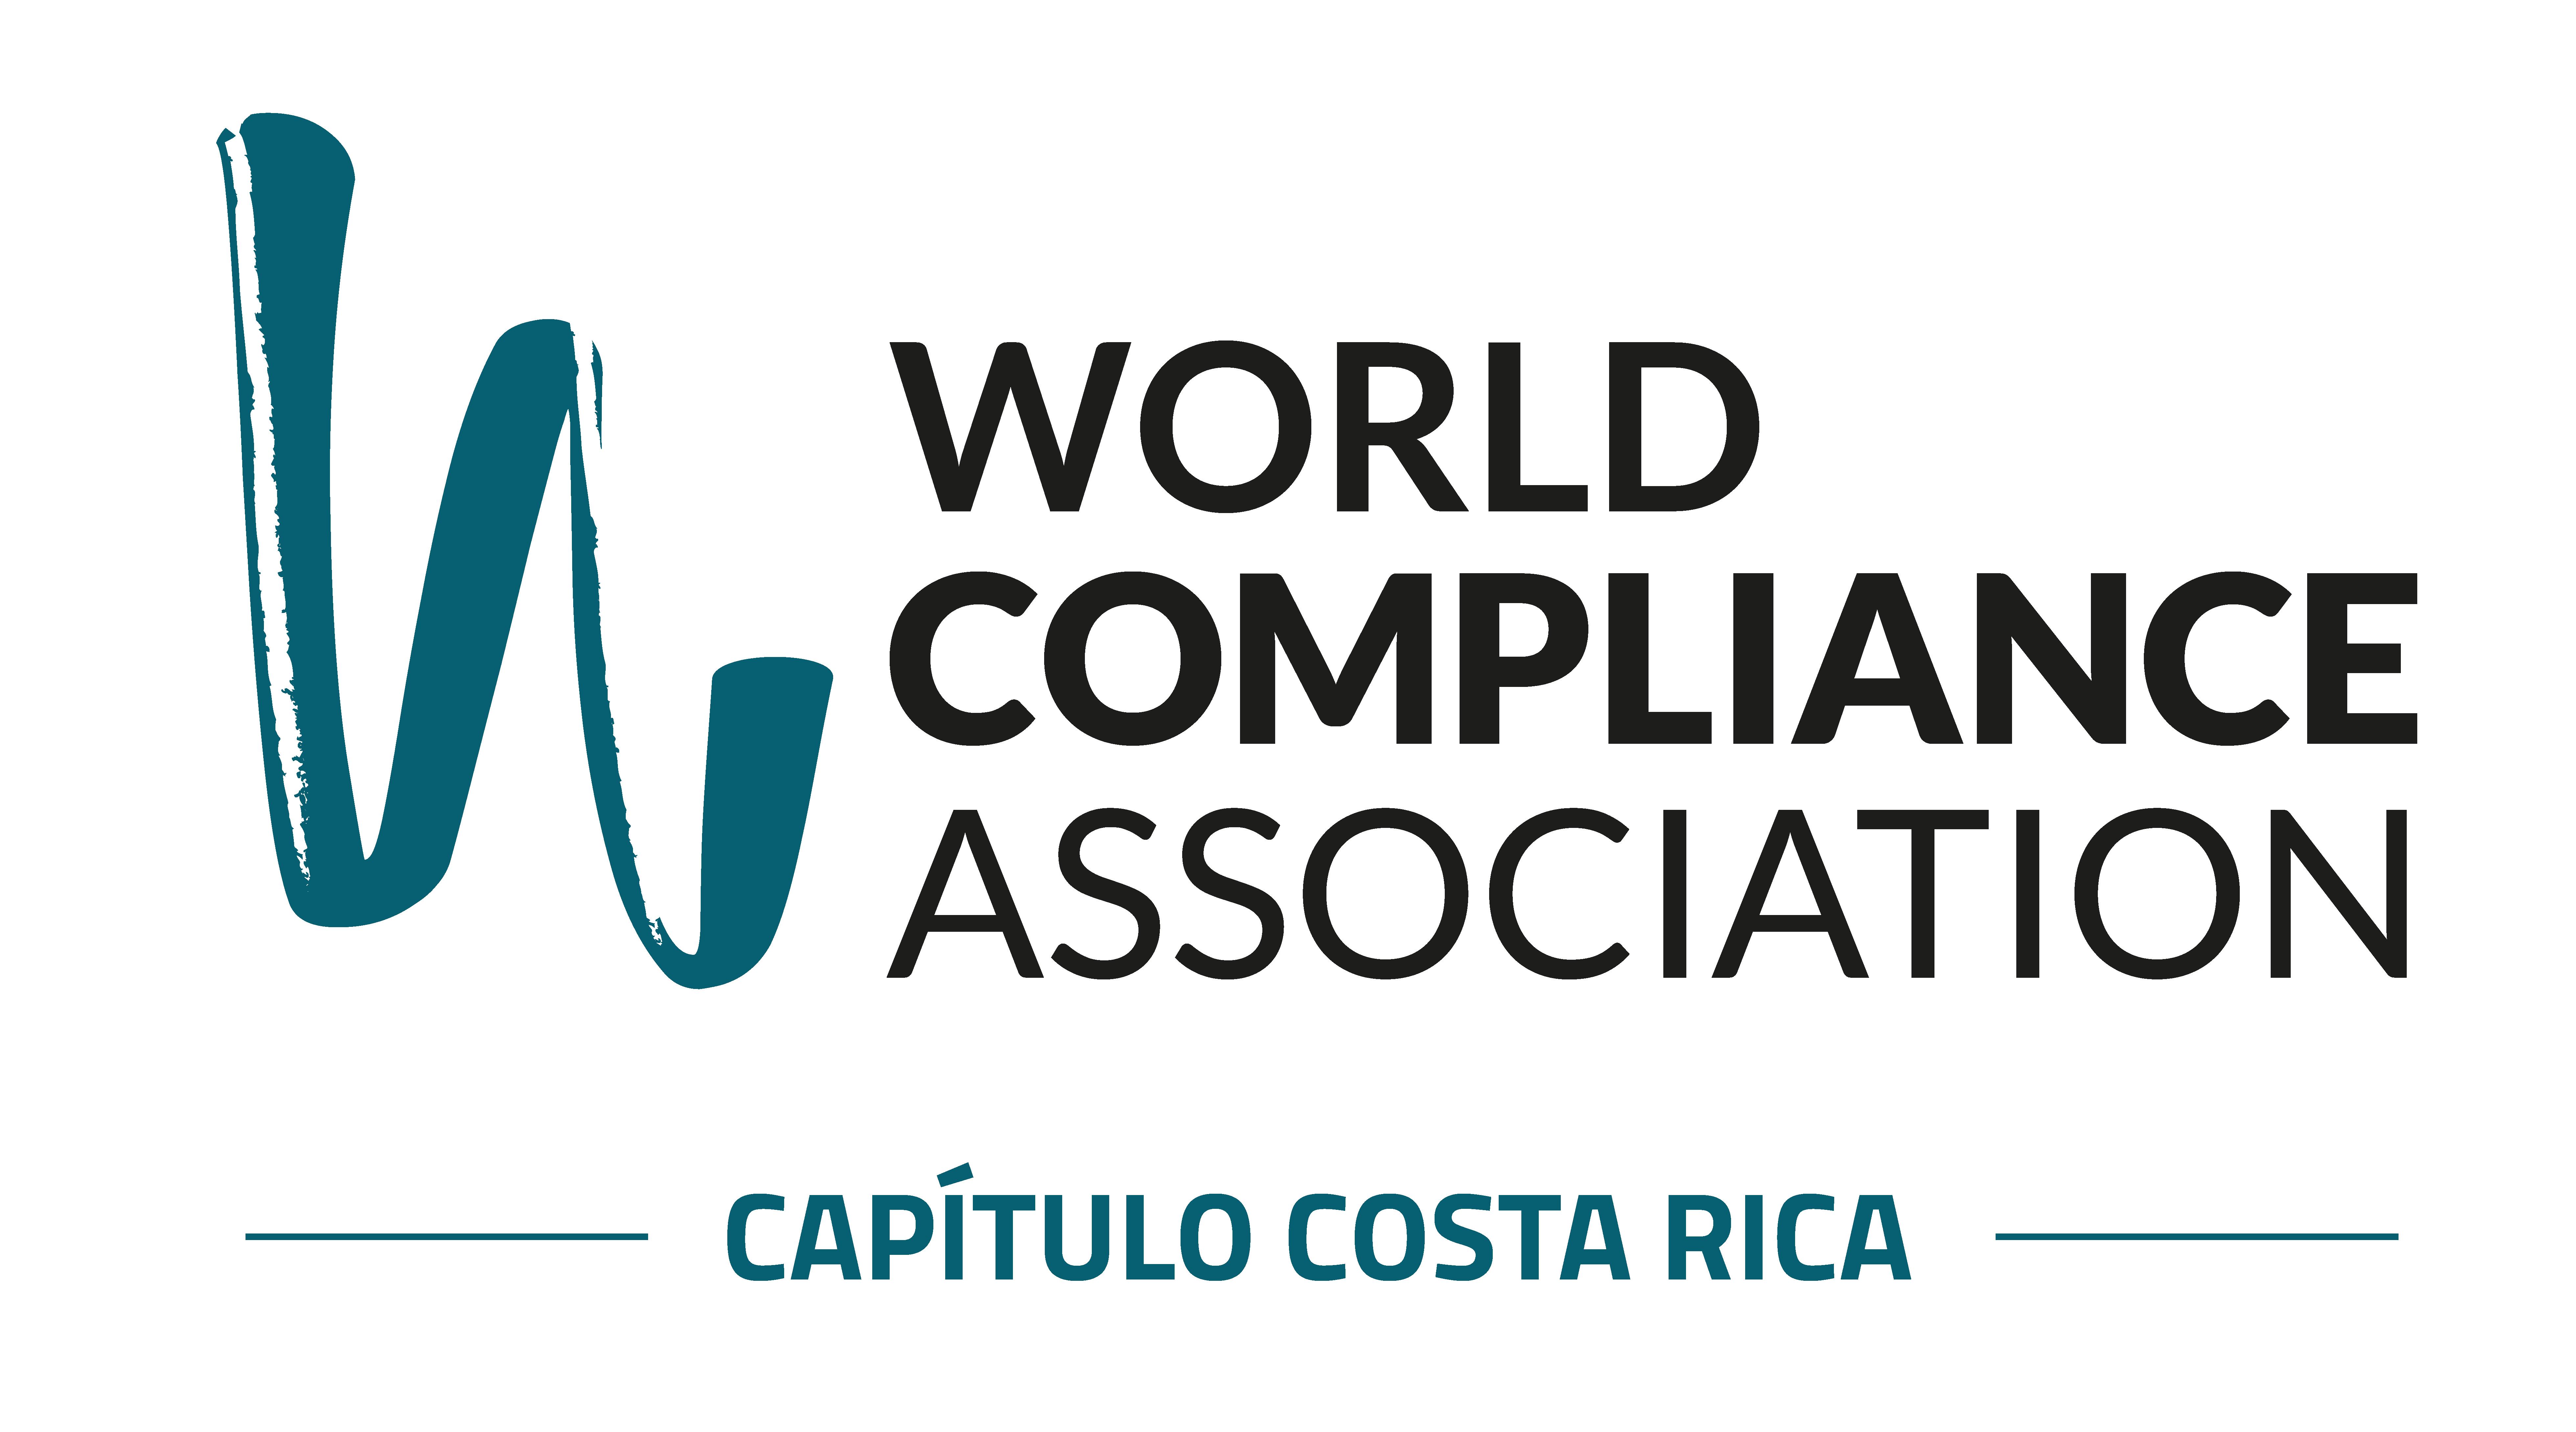 World Compliance Association